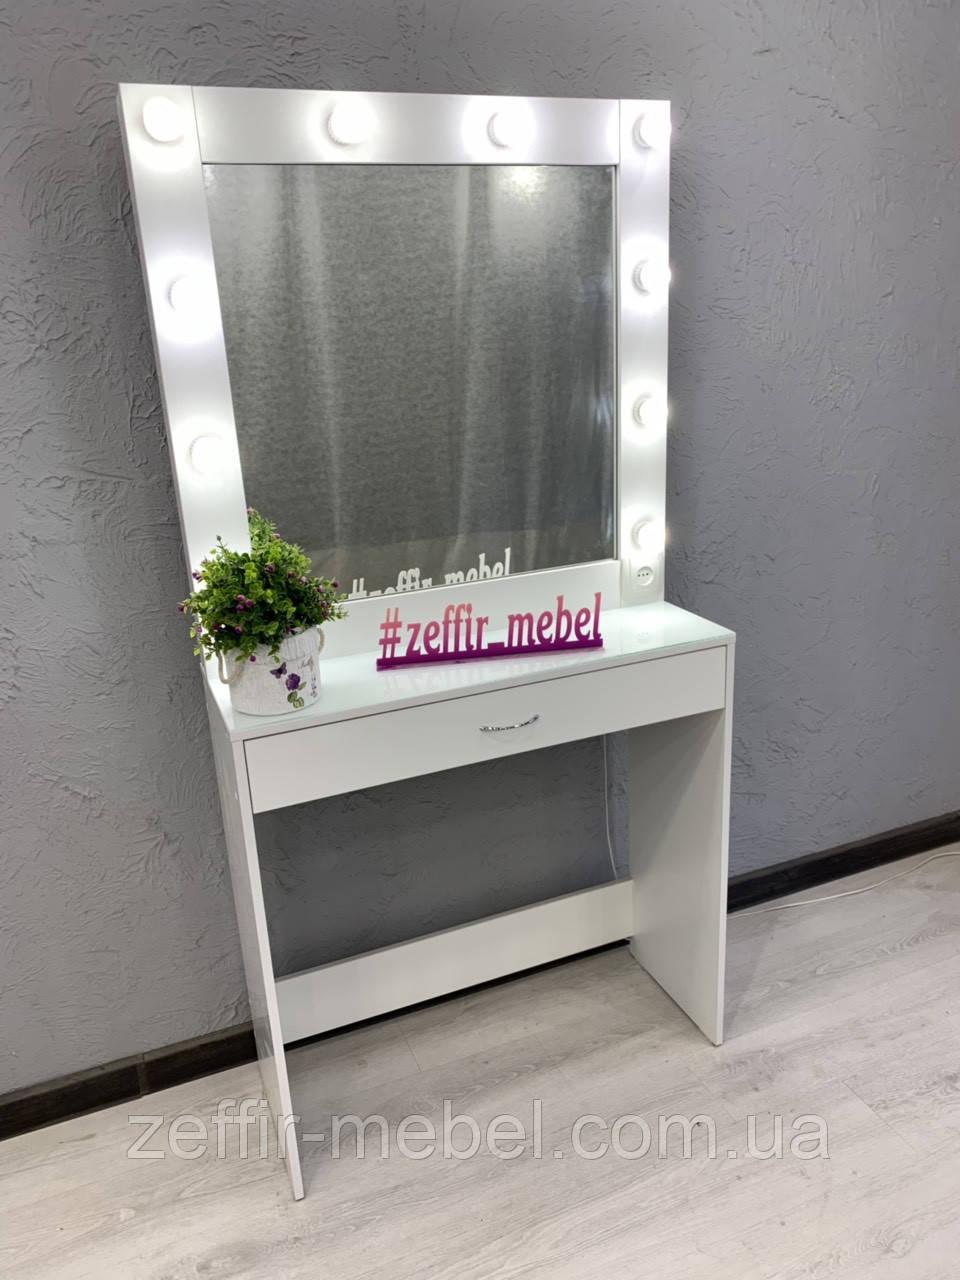 стол для песка с подсветкой купить